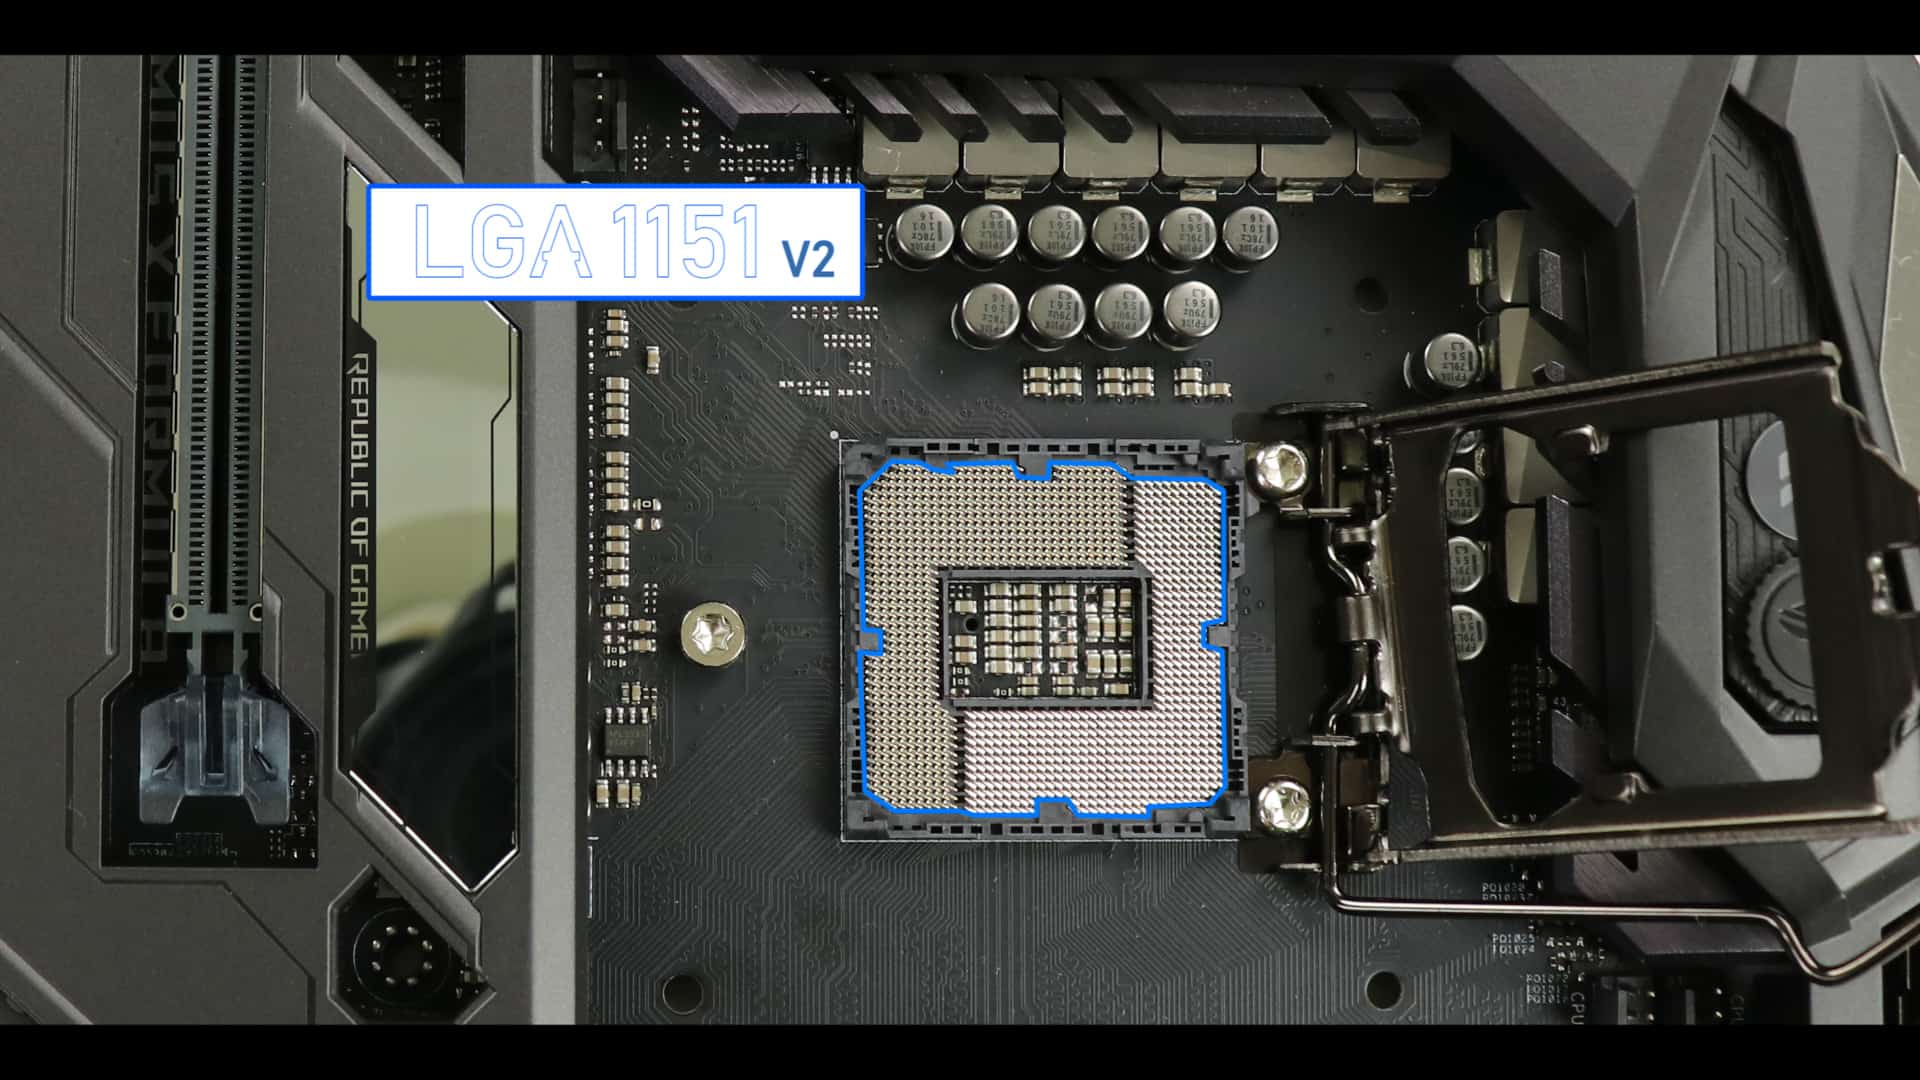 LGA 1151 V2